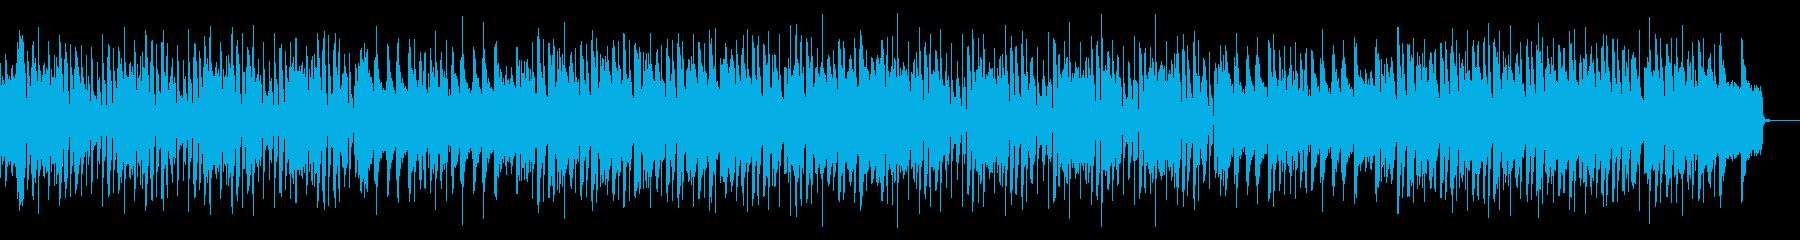 マヌケ、陽気なチップチューンの再生済みの波形